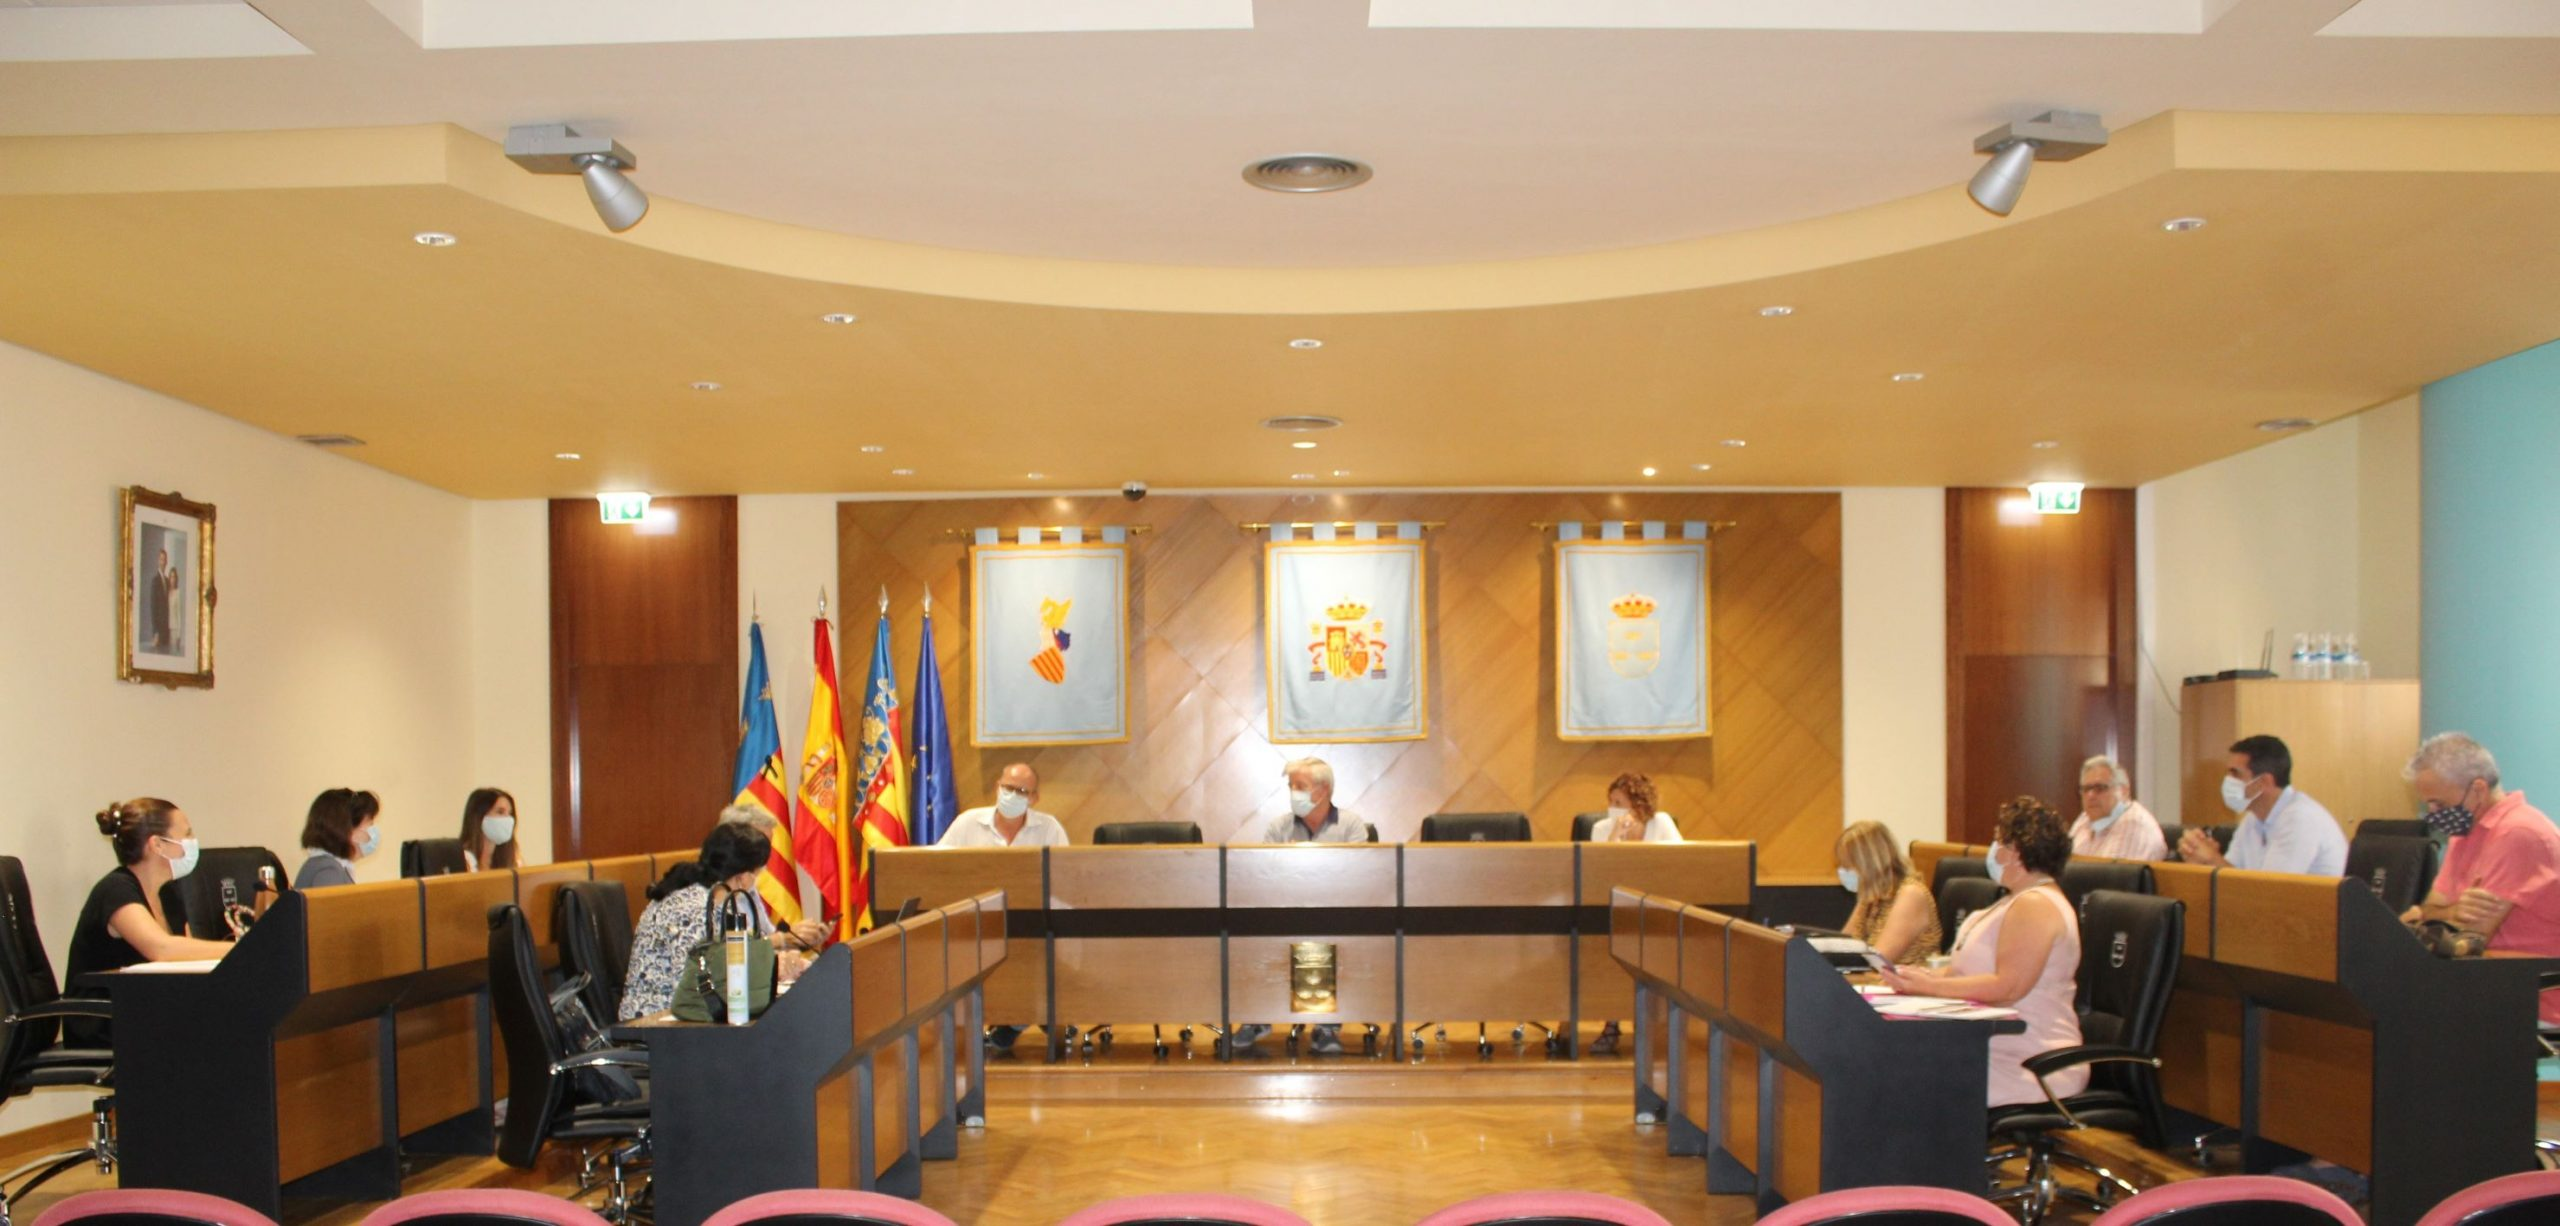 El Ayuntamiento de Burriana recaba la opinión de la comunidad educativa ante la posibilidad de solicitar el 11 de octubre como no lectivo por las Fallas 2021